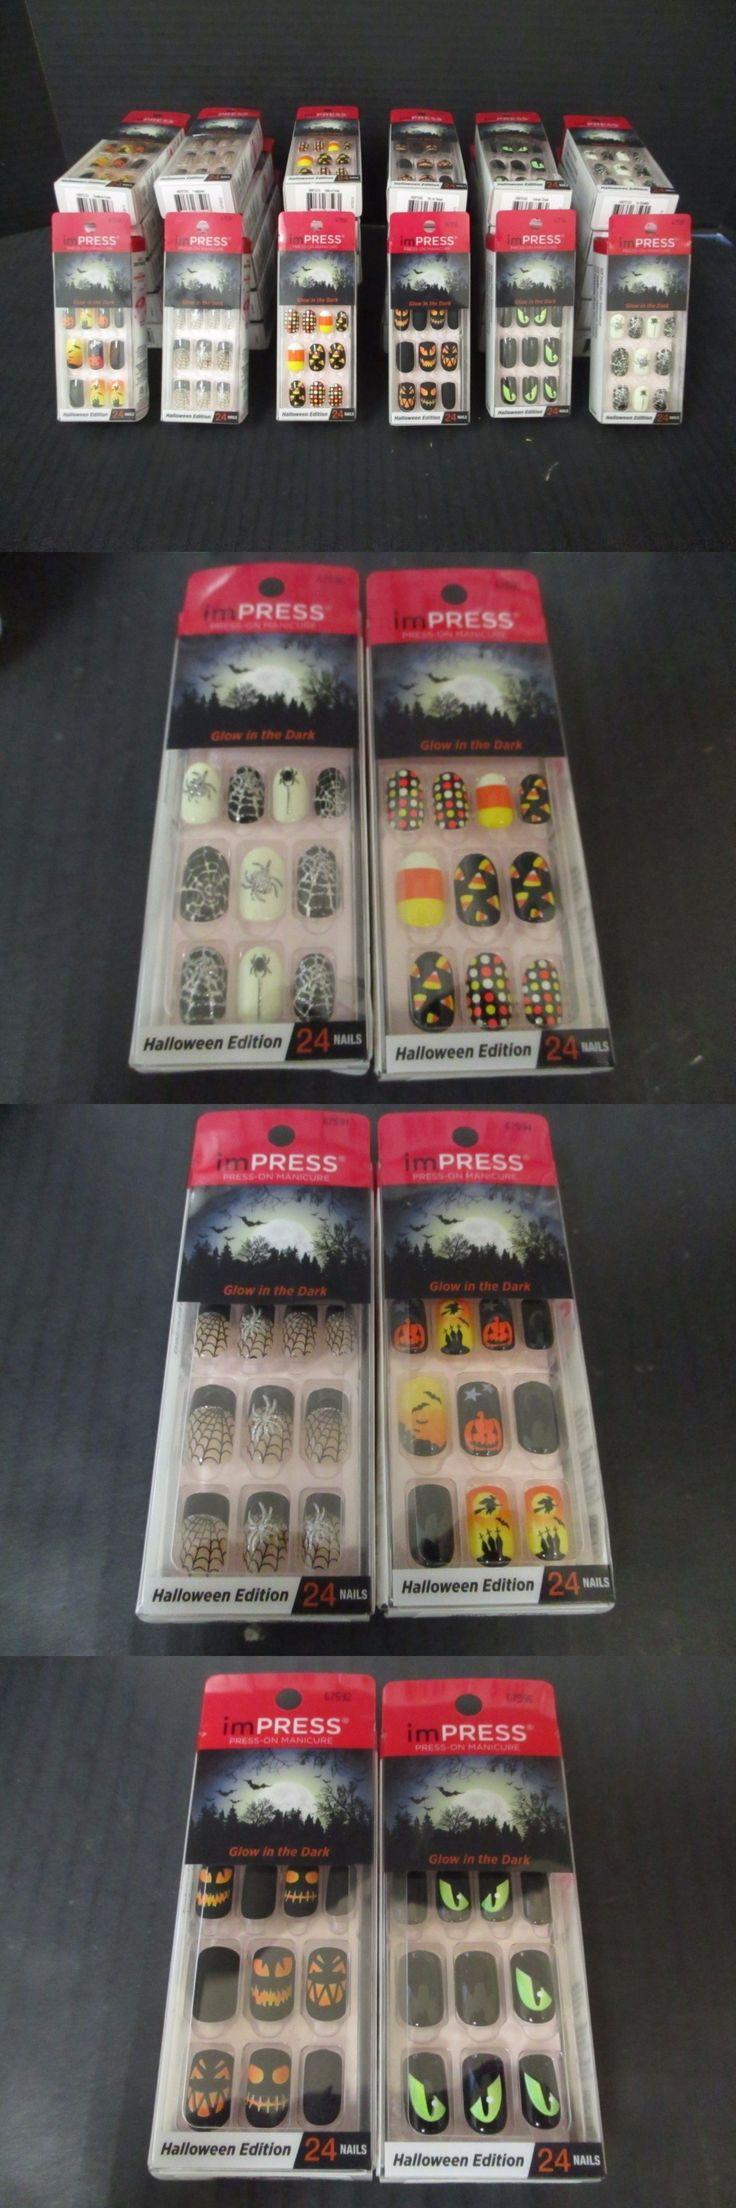 Impress press on manicure nails my style pinterest - Press On Nails 30 Impress Press On Manicure Halloween Edt Sets 6